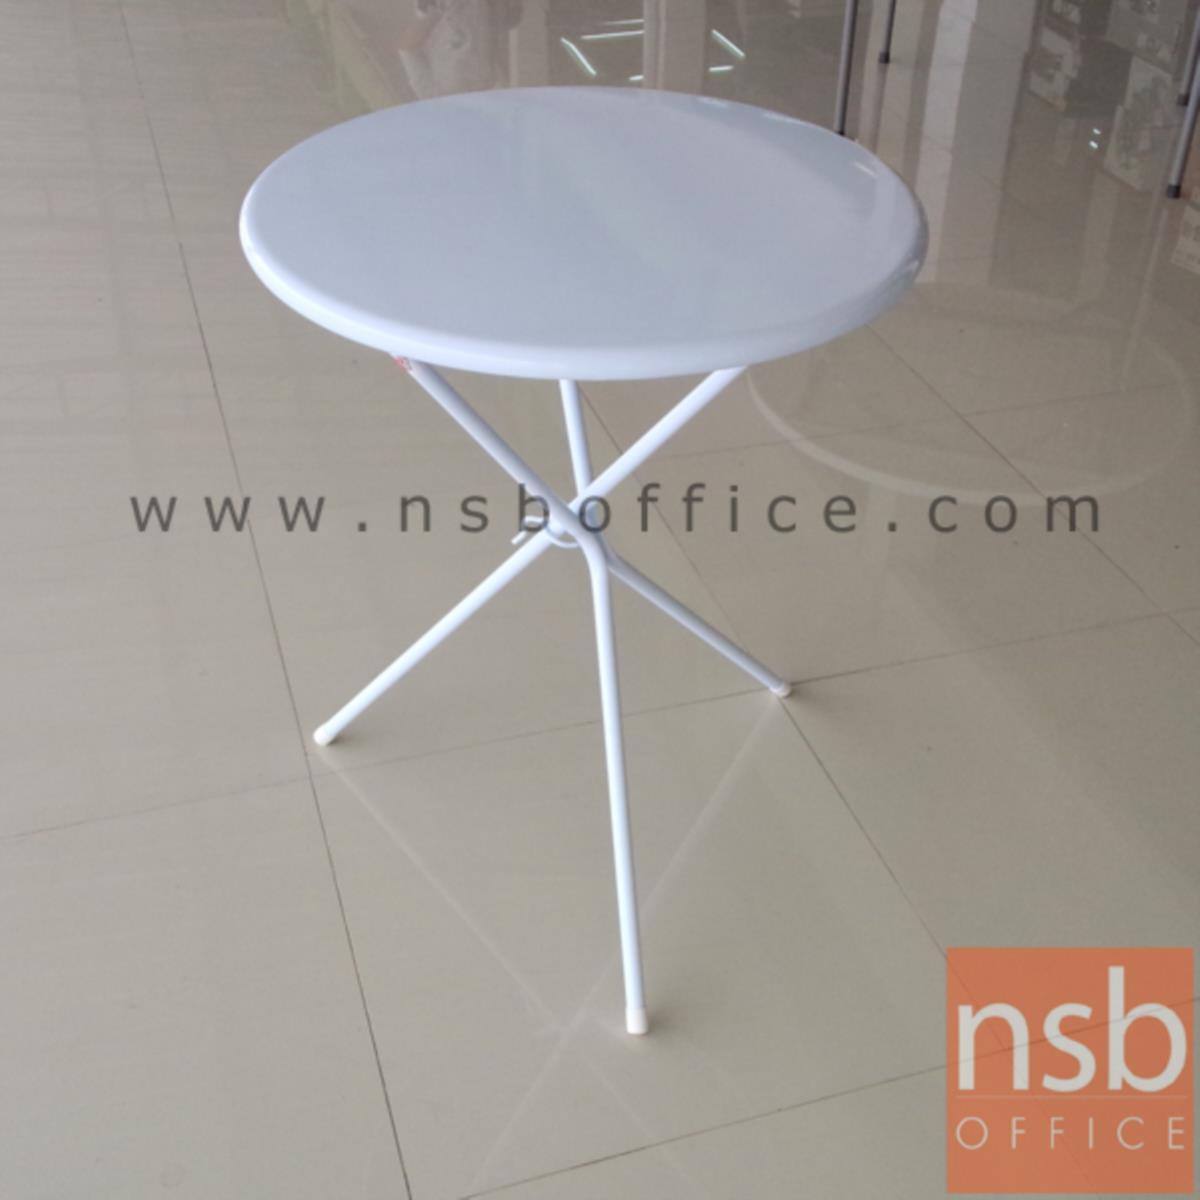 A08A016:โต๊ะพับหน้าเหล็ก  ขนาด 60Di cm.  ขาเหล็ก